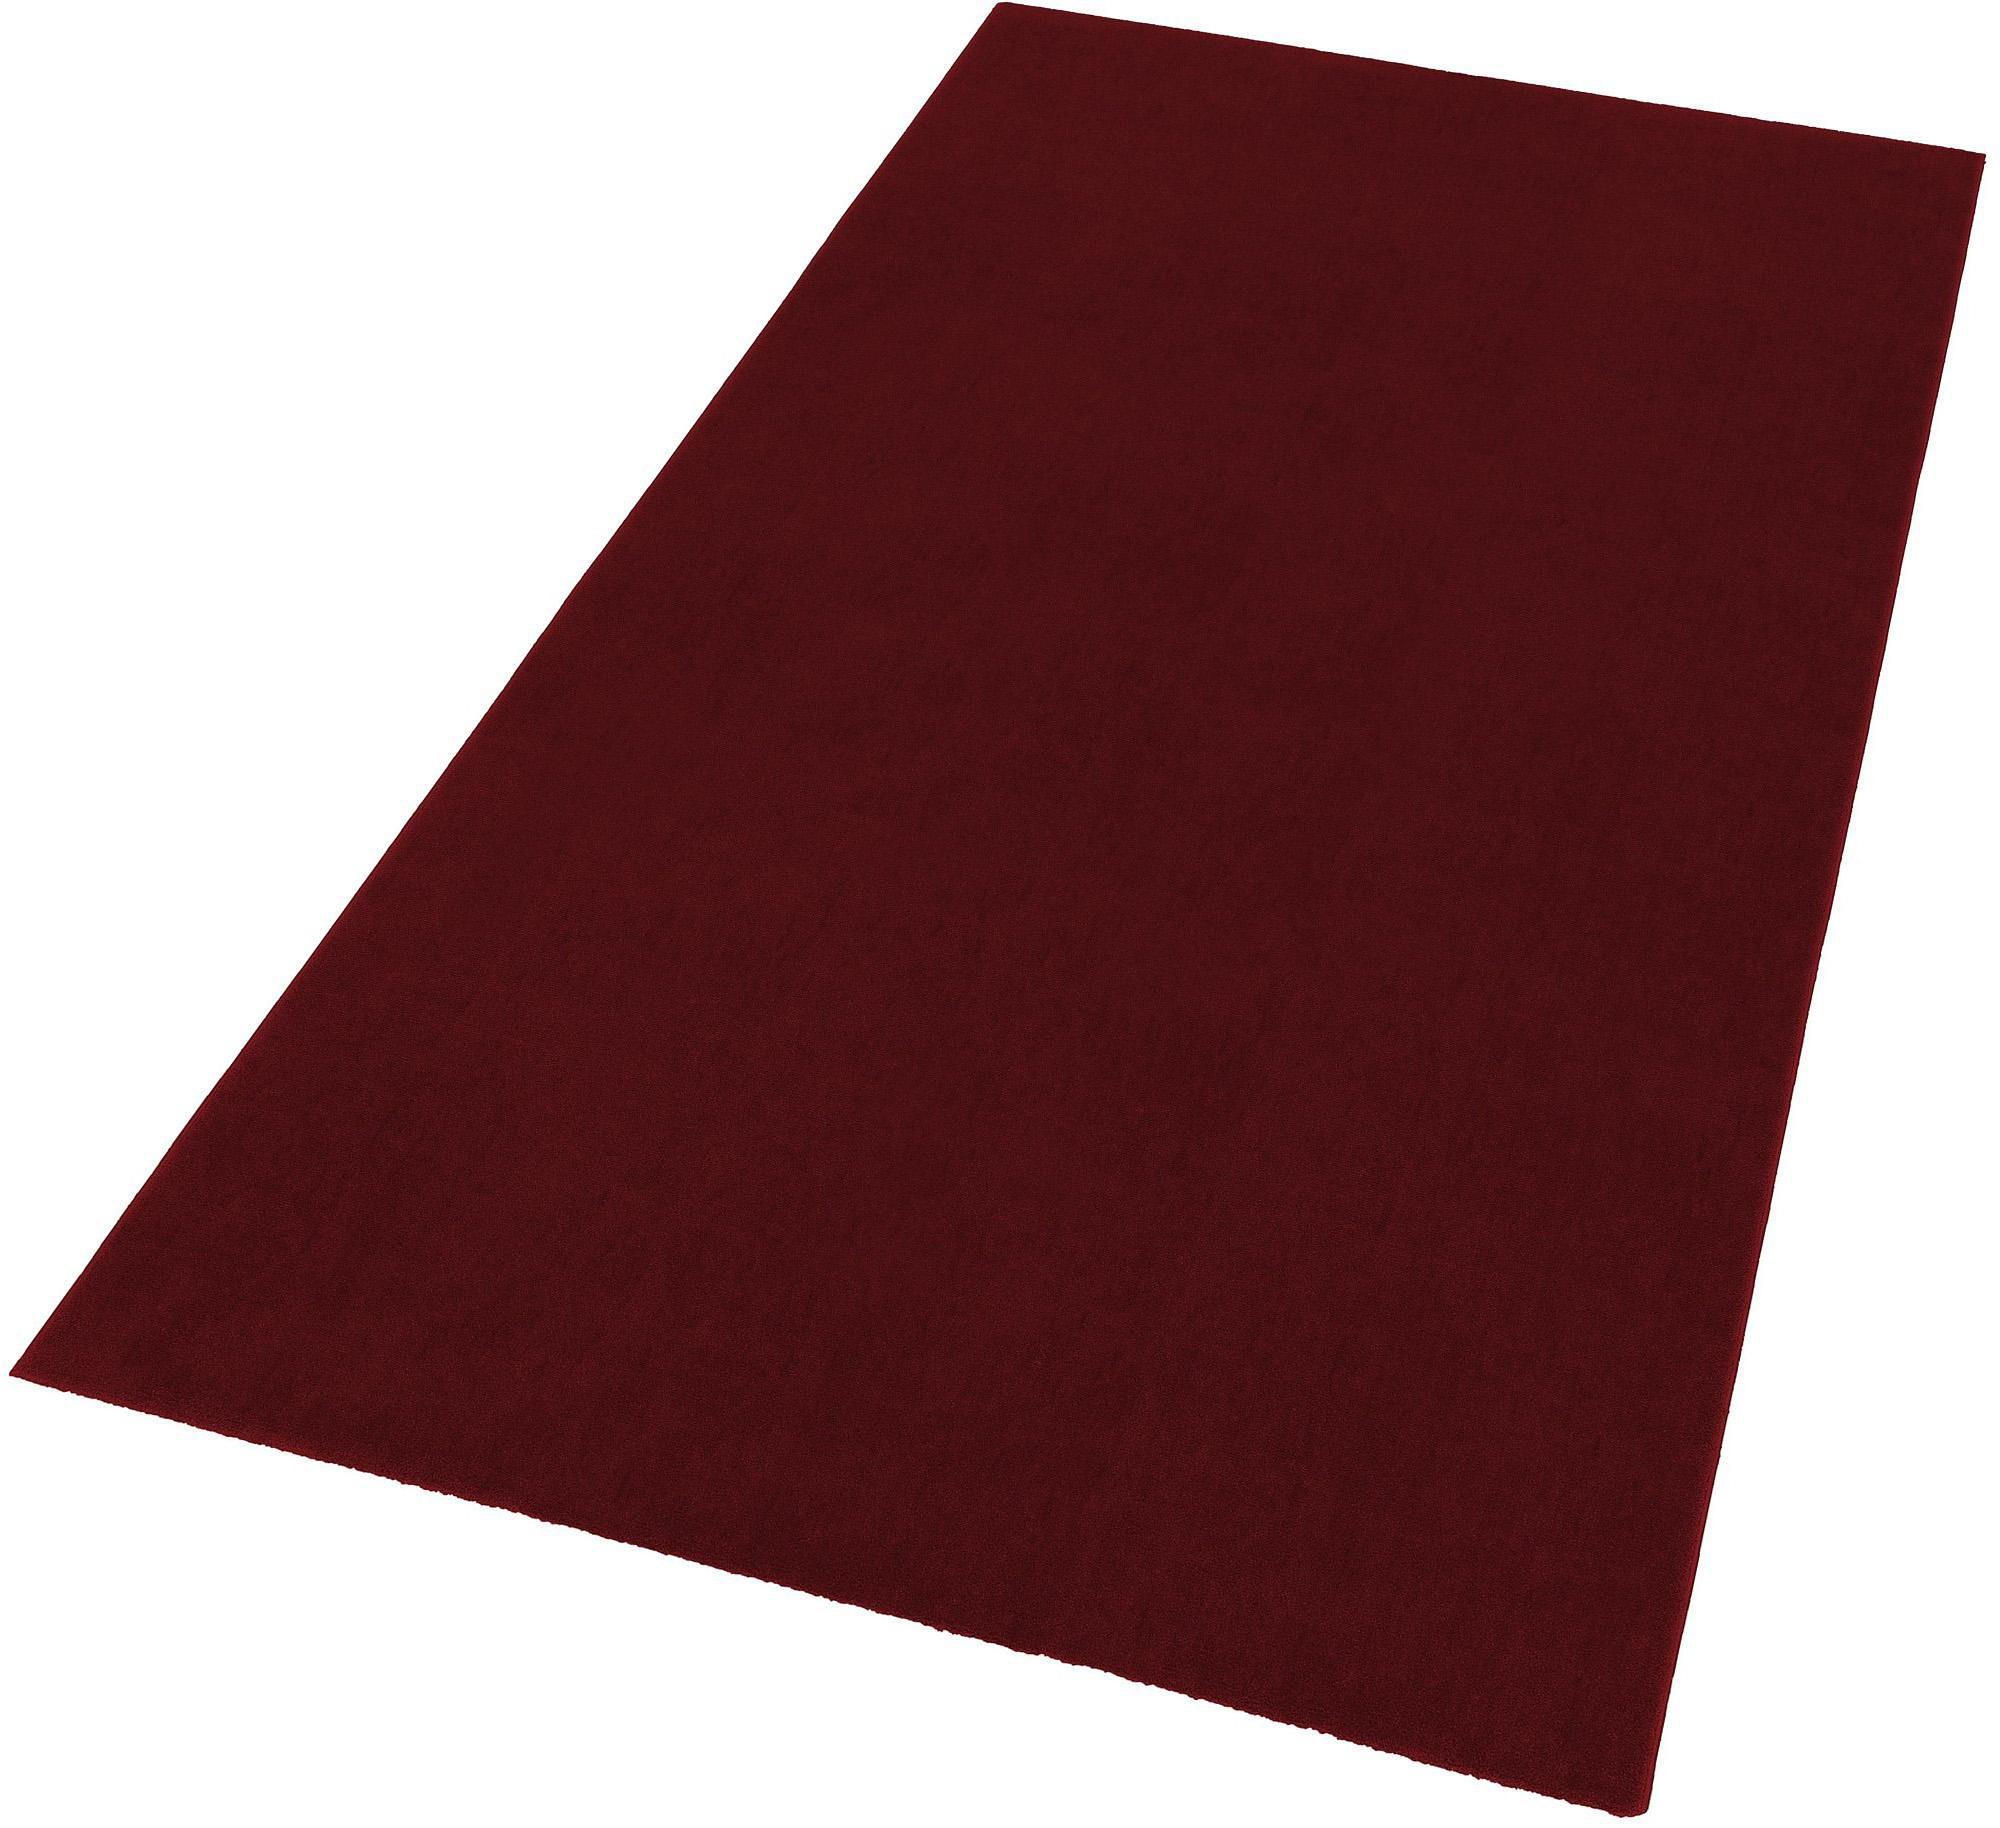 Teppich Pisa ASTRA rechteckig Höhe 13 mm